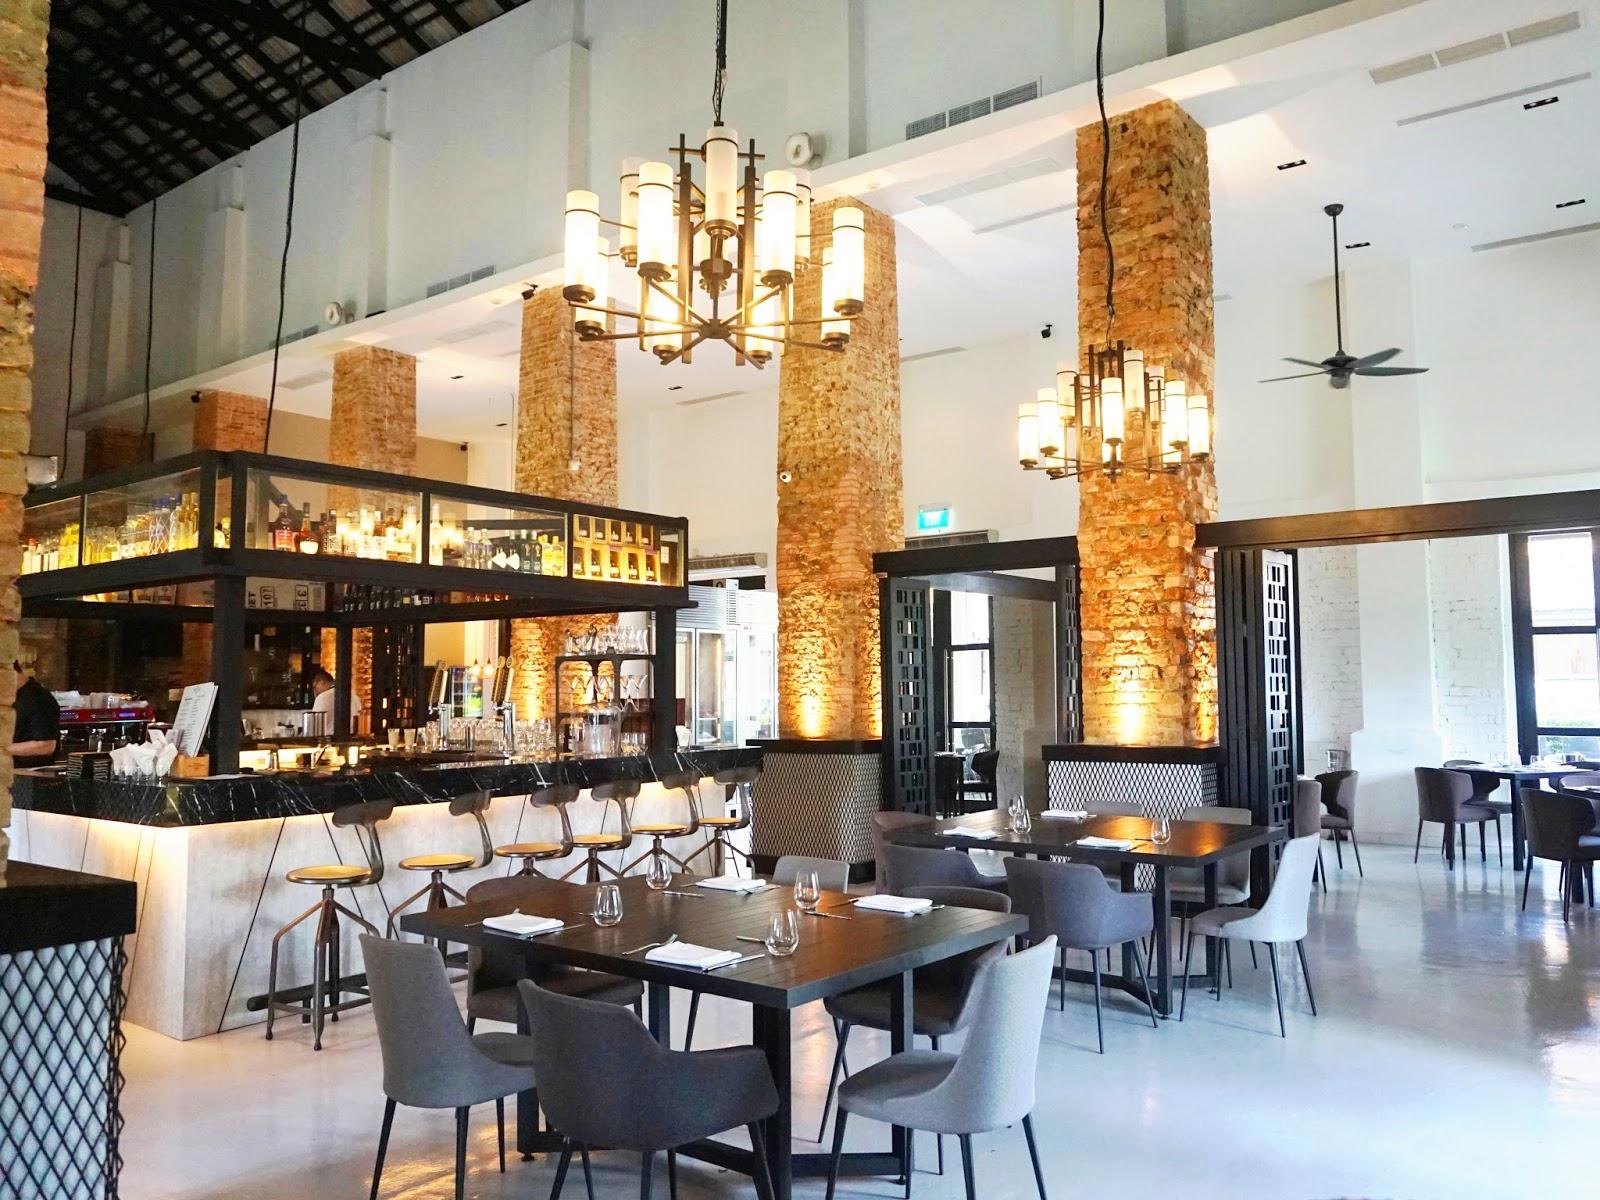 Best-dining-deals-venuerific-blog-portico-prime